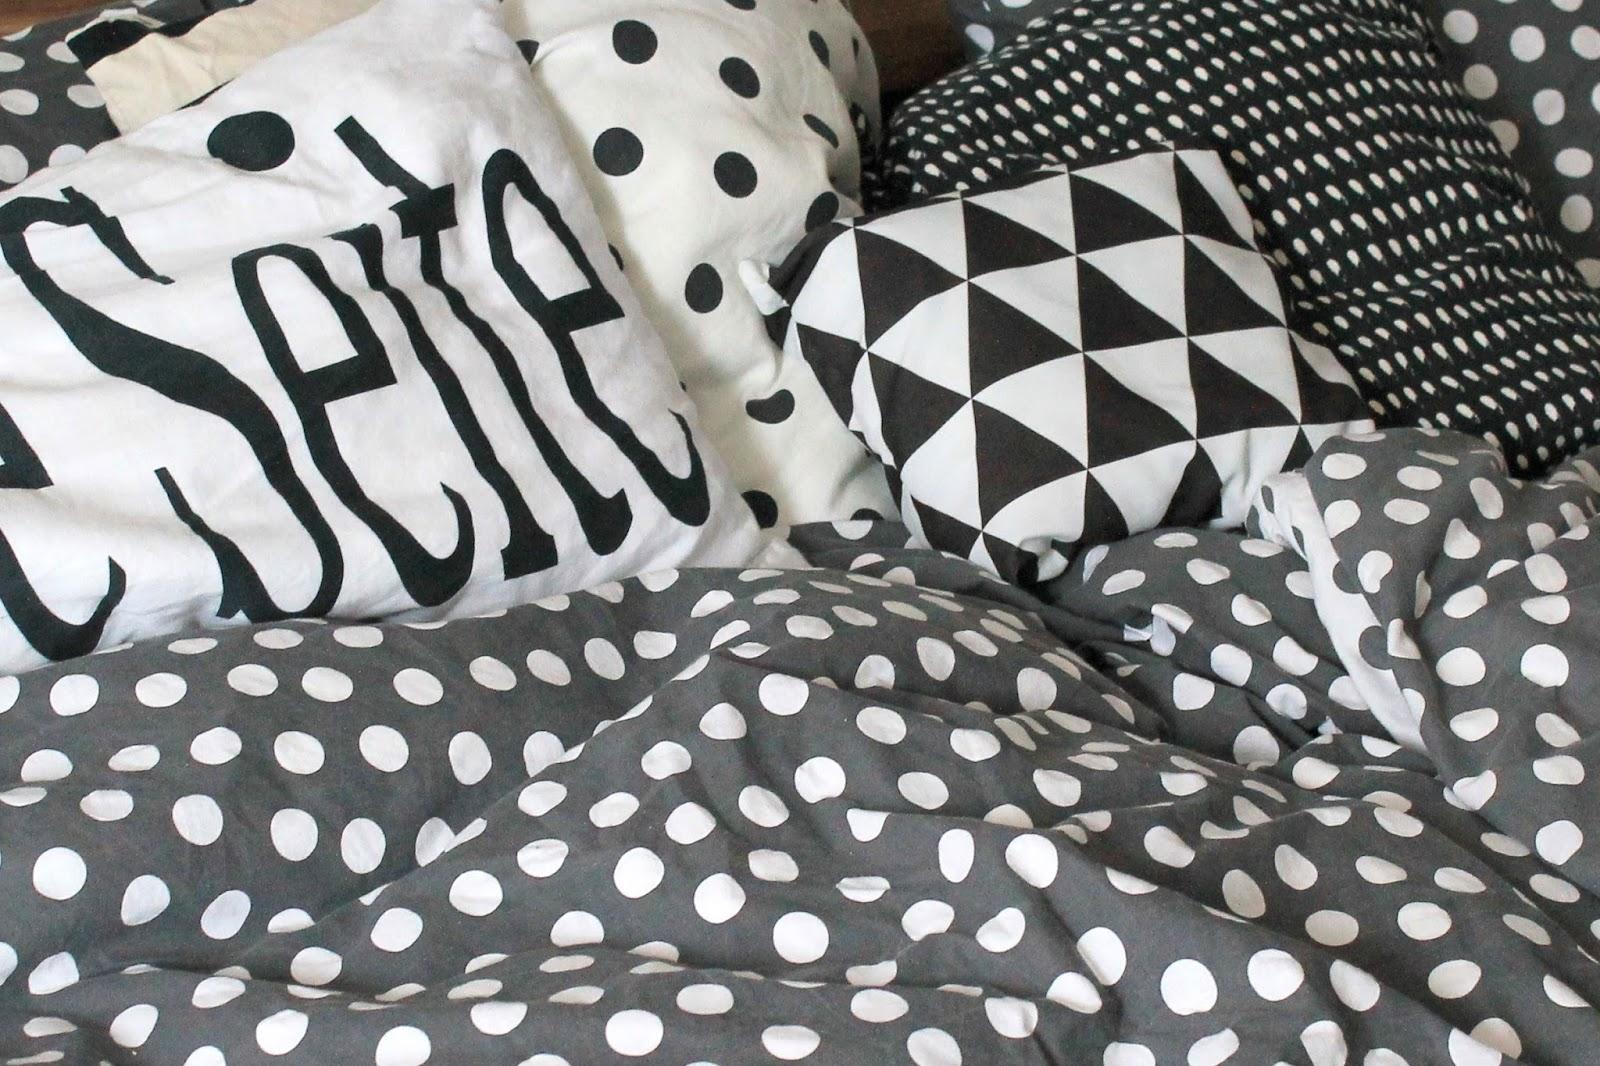 Schlafzimmer Bett Polka Dot Bettwaesche schwarz und wei